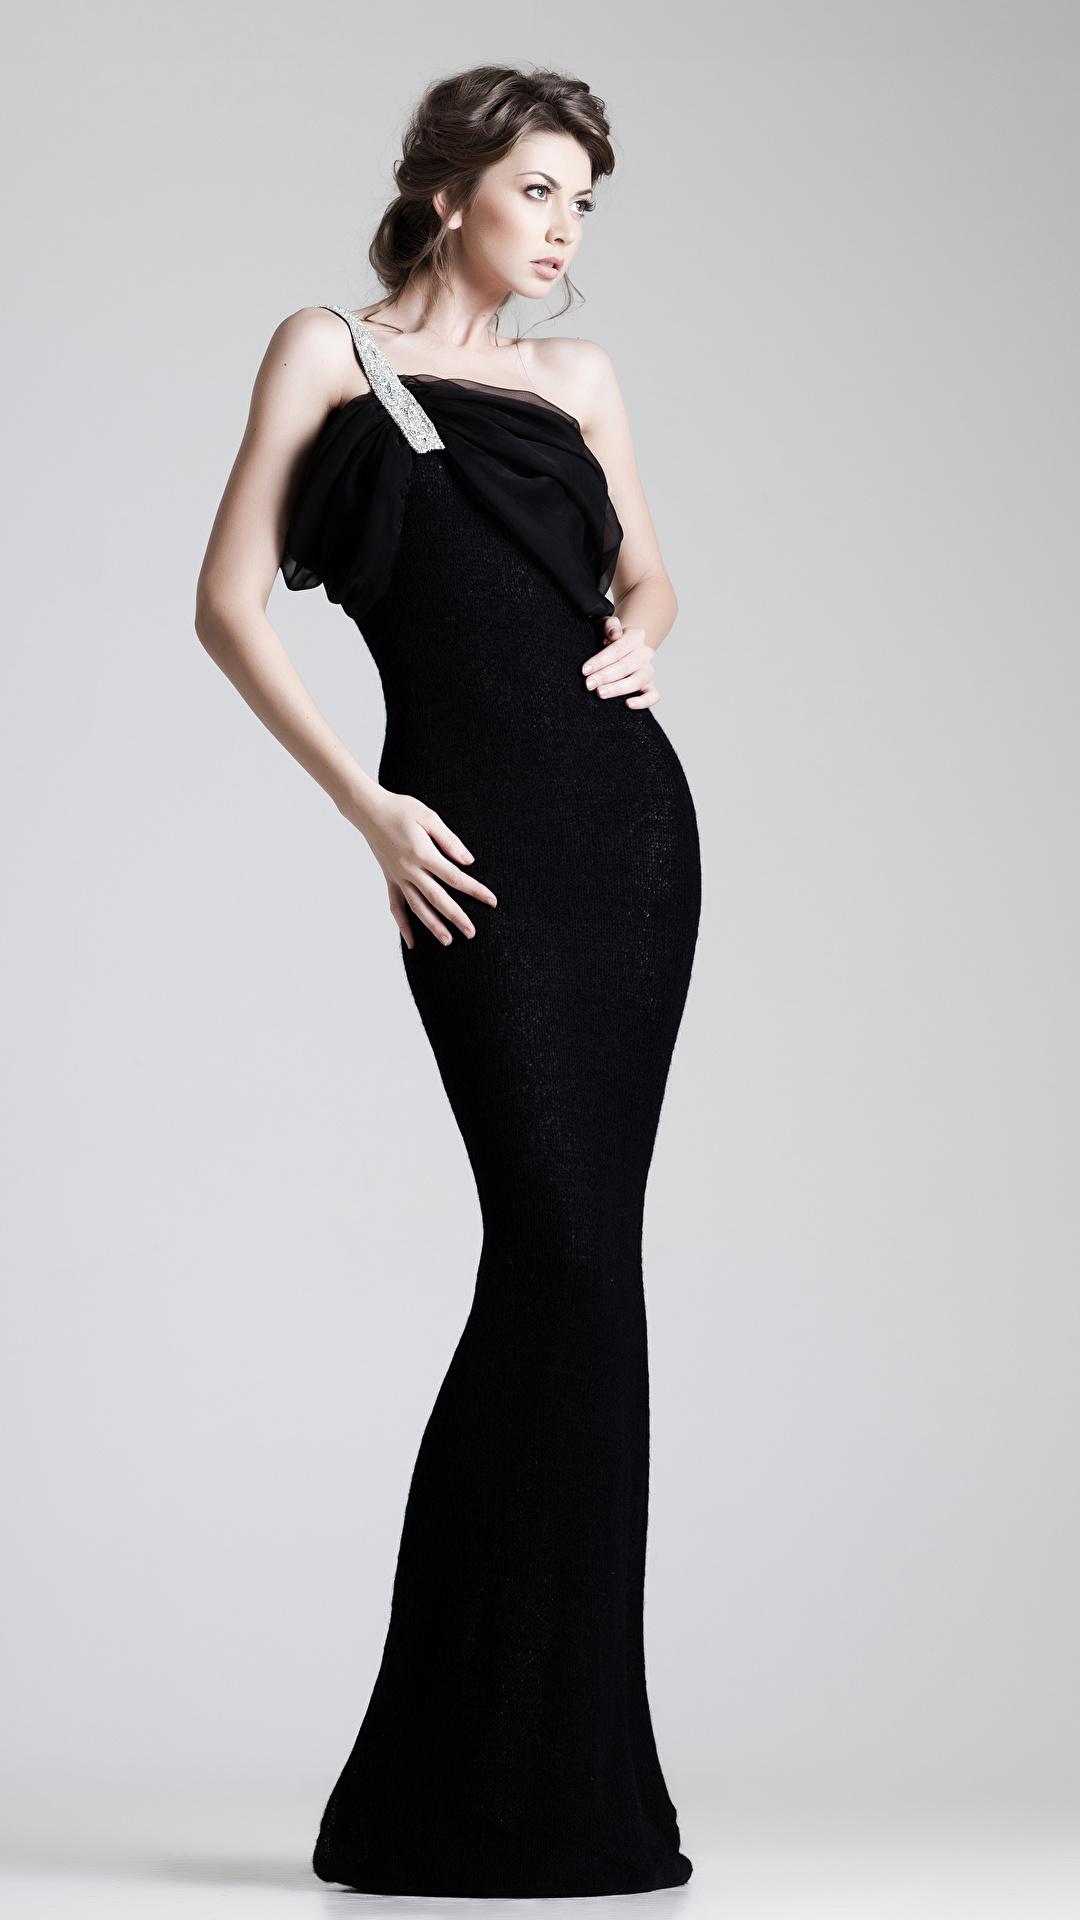 Foto Braune Haare Mädchens Grauer Hintergrund Kleid 1080x1920 Braunhaarige